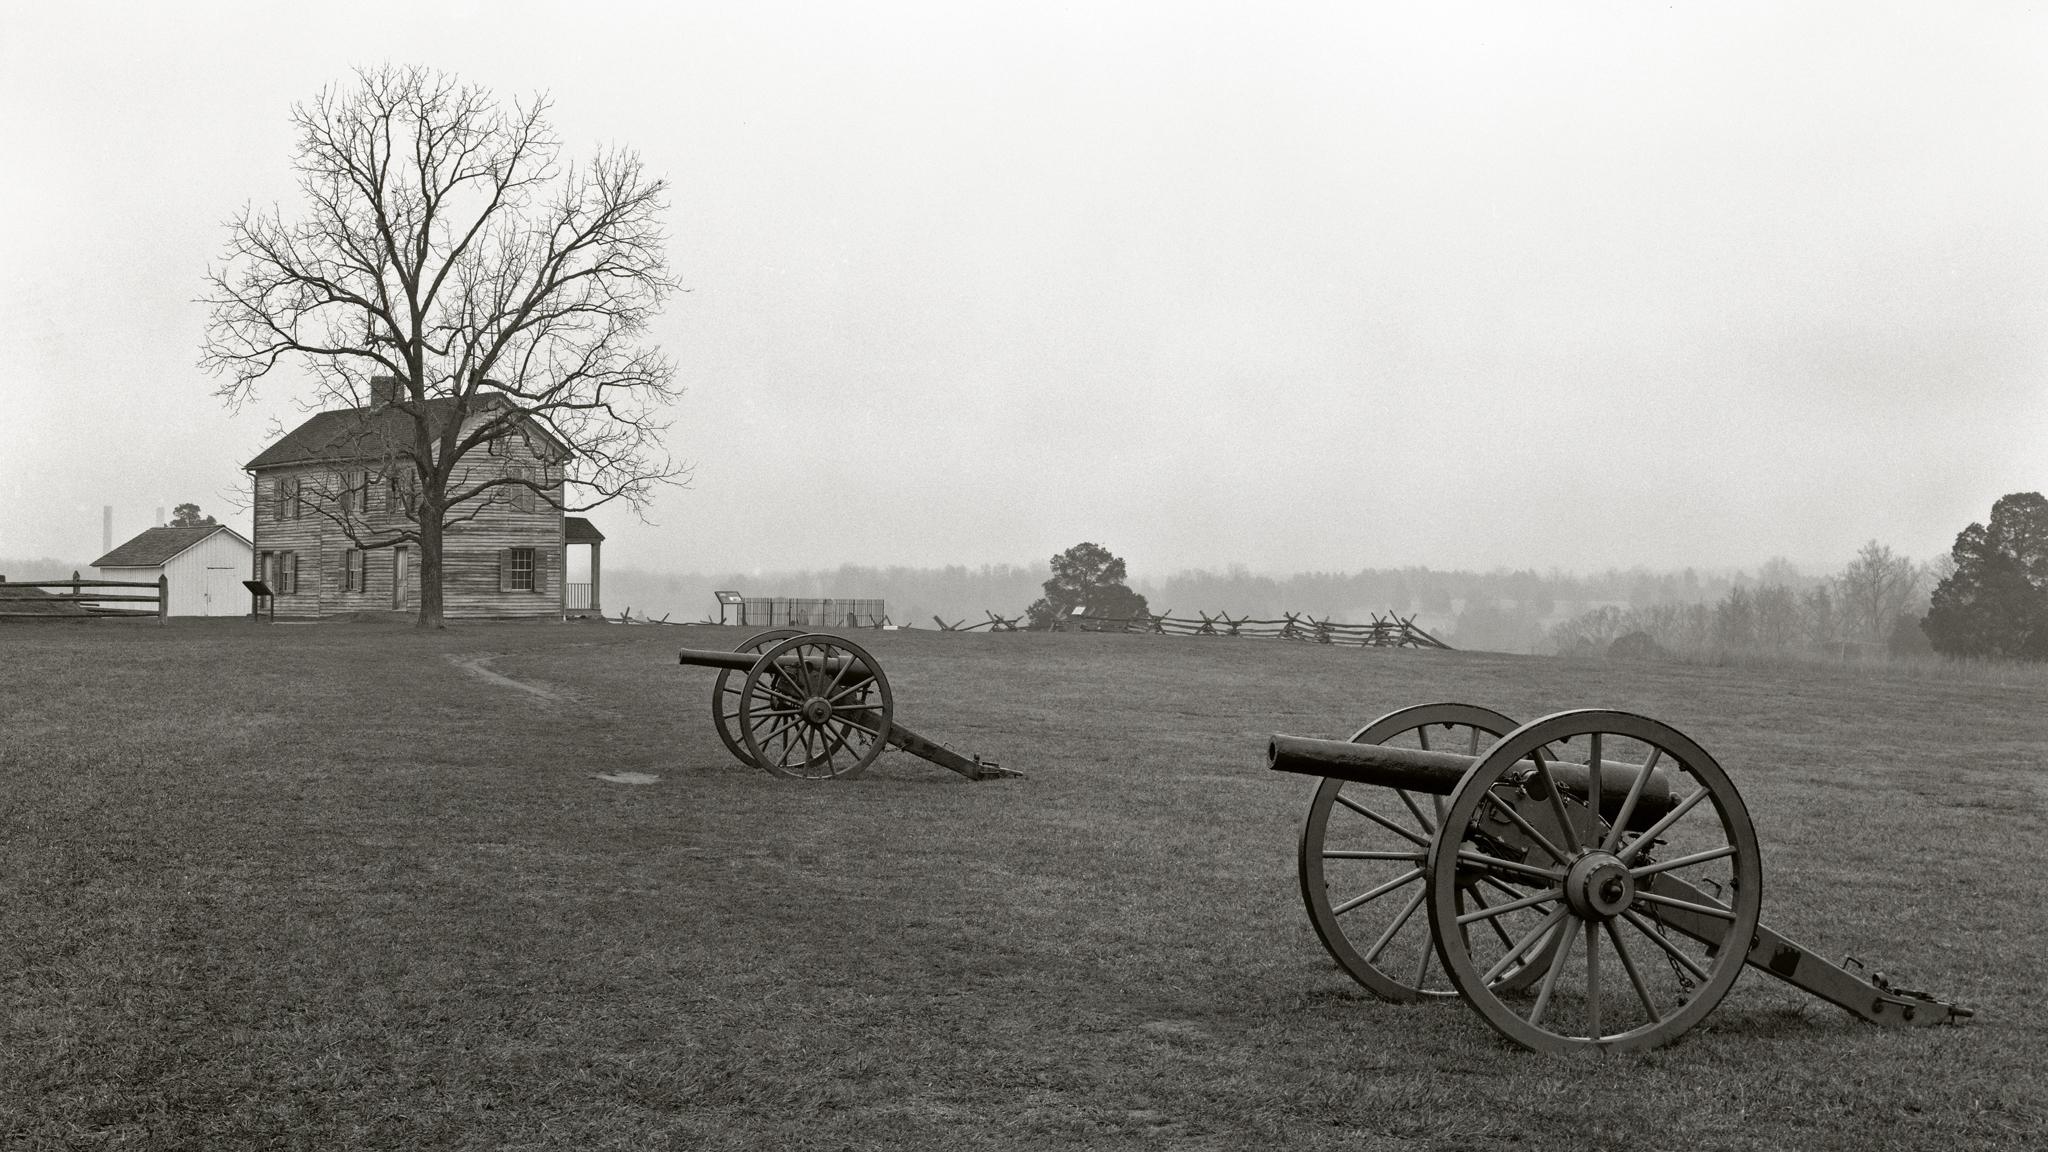 Henry Farm. Manassas, Virginia.